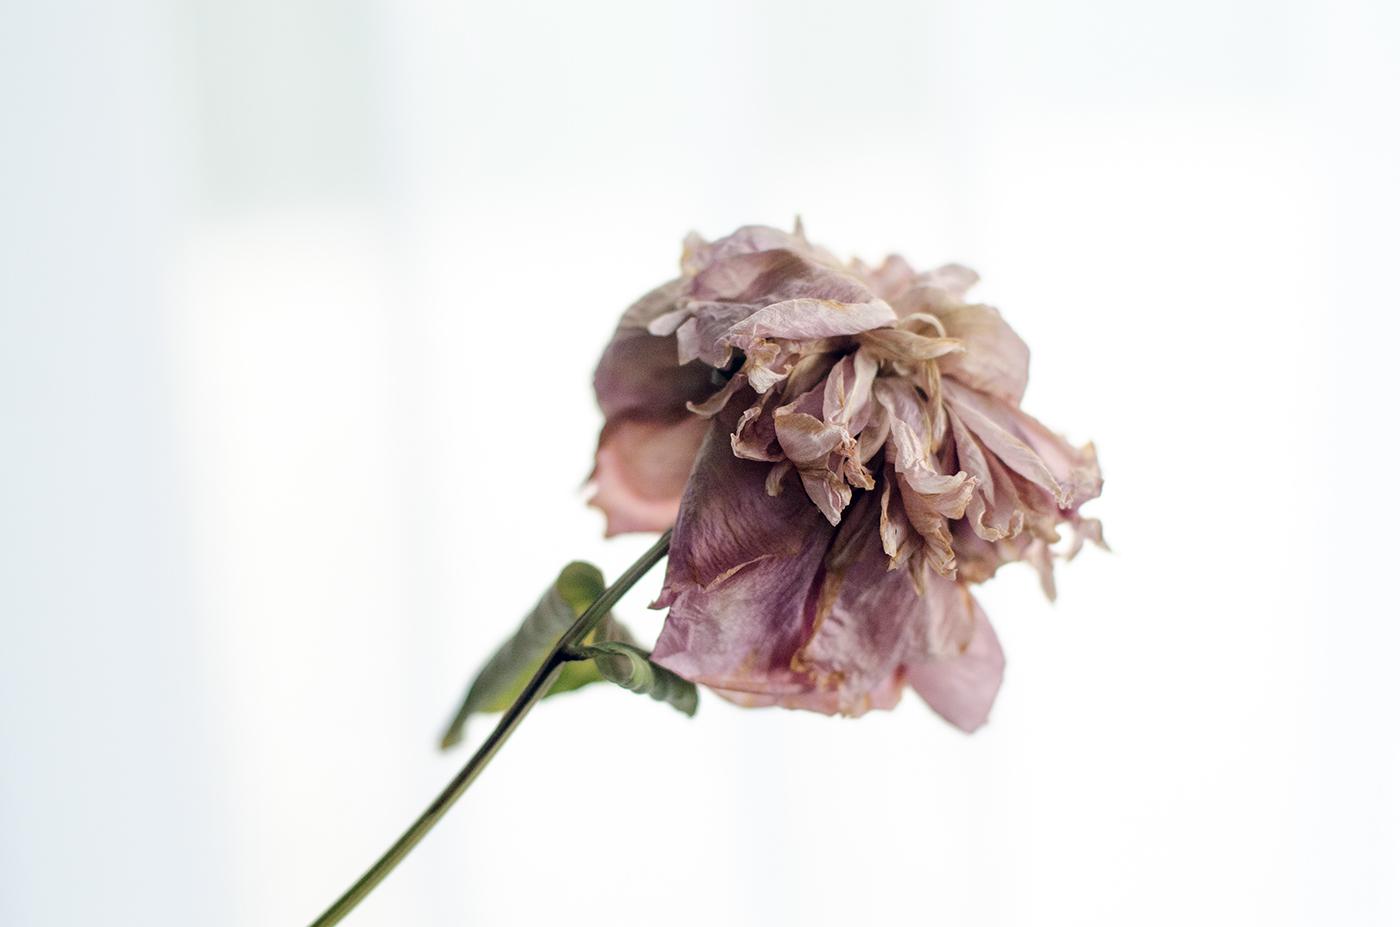 rose flower vanity wilted calm pastel